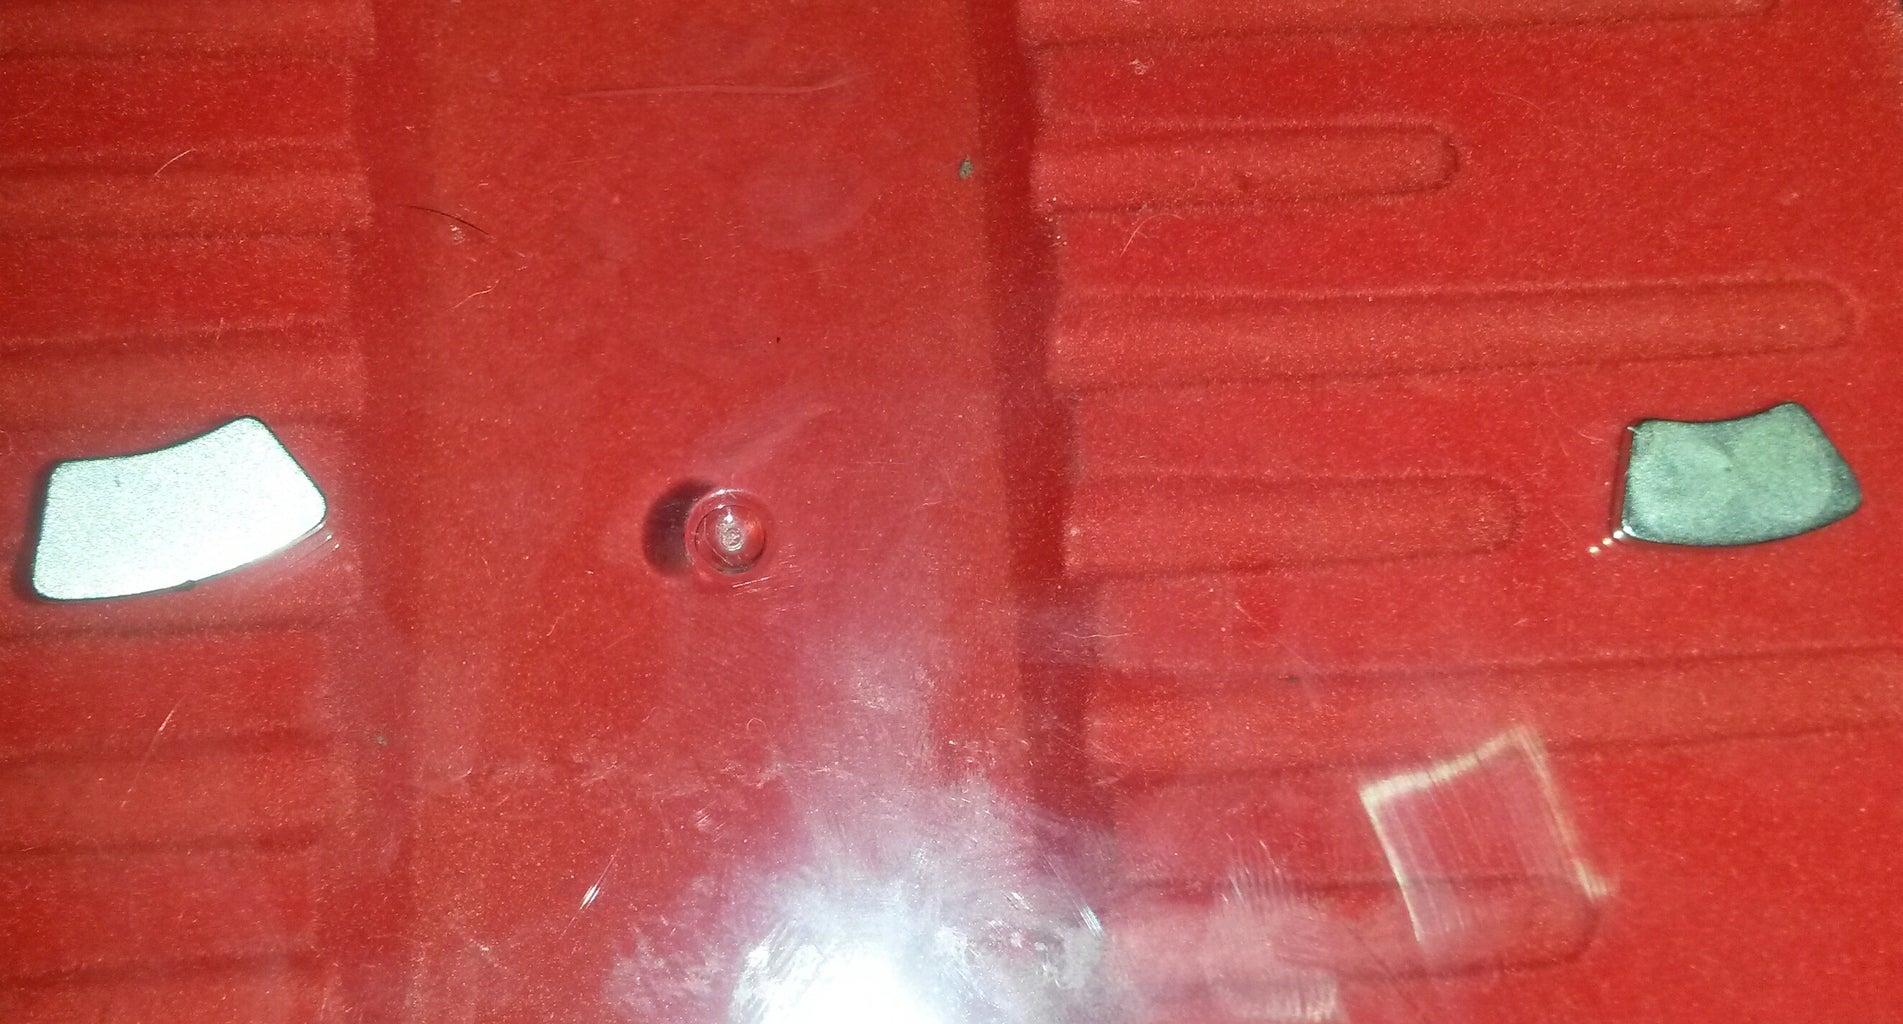 Free Neodymium Magnets!!! Find and Remove - Recuperar Imanes De Neodimio